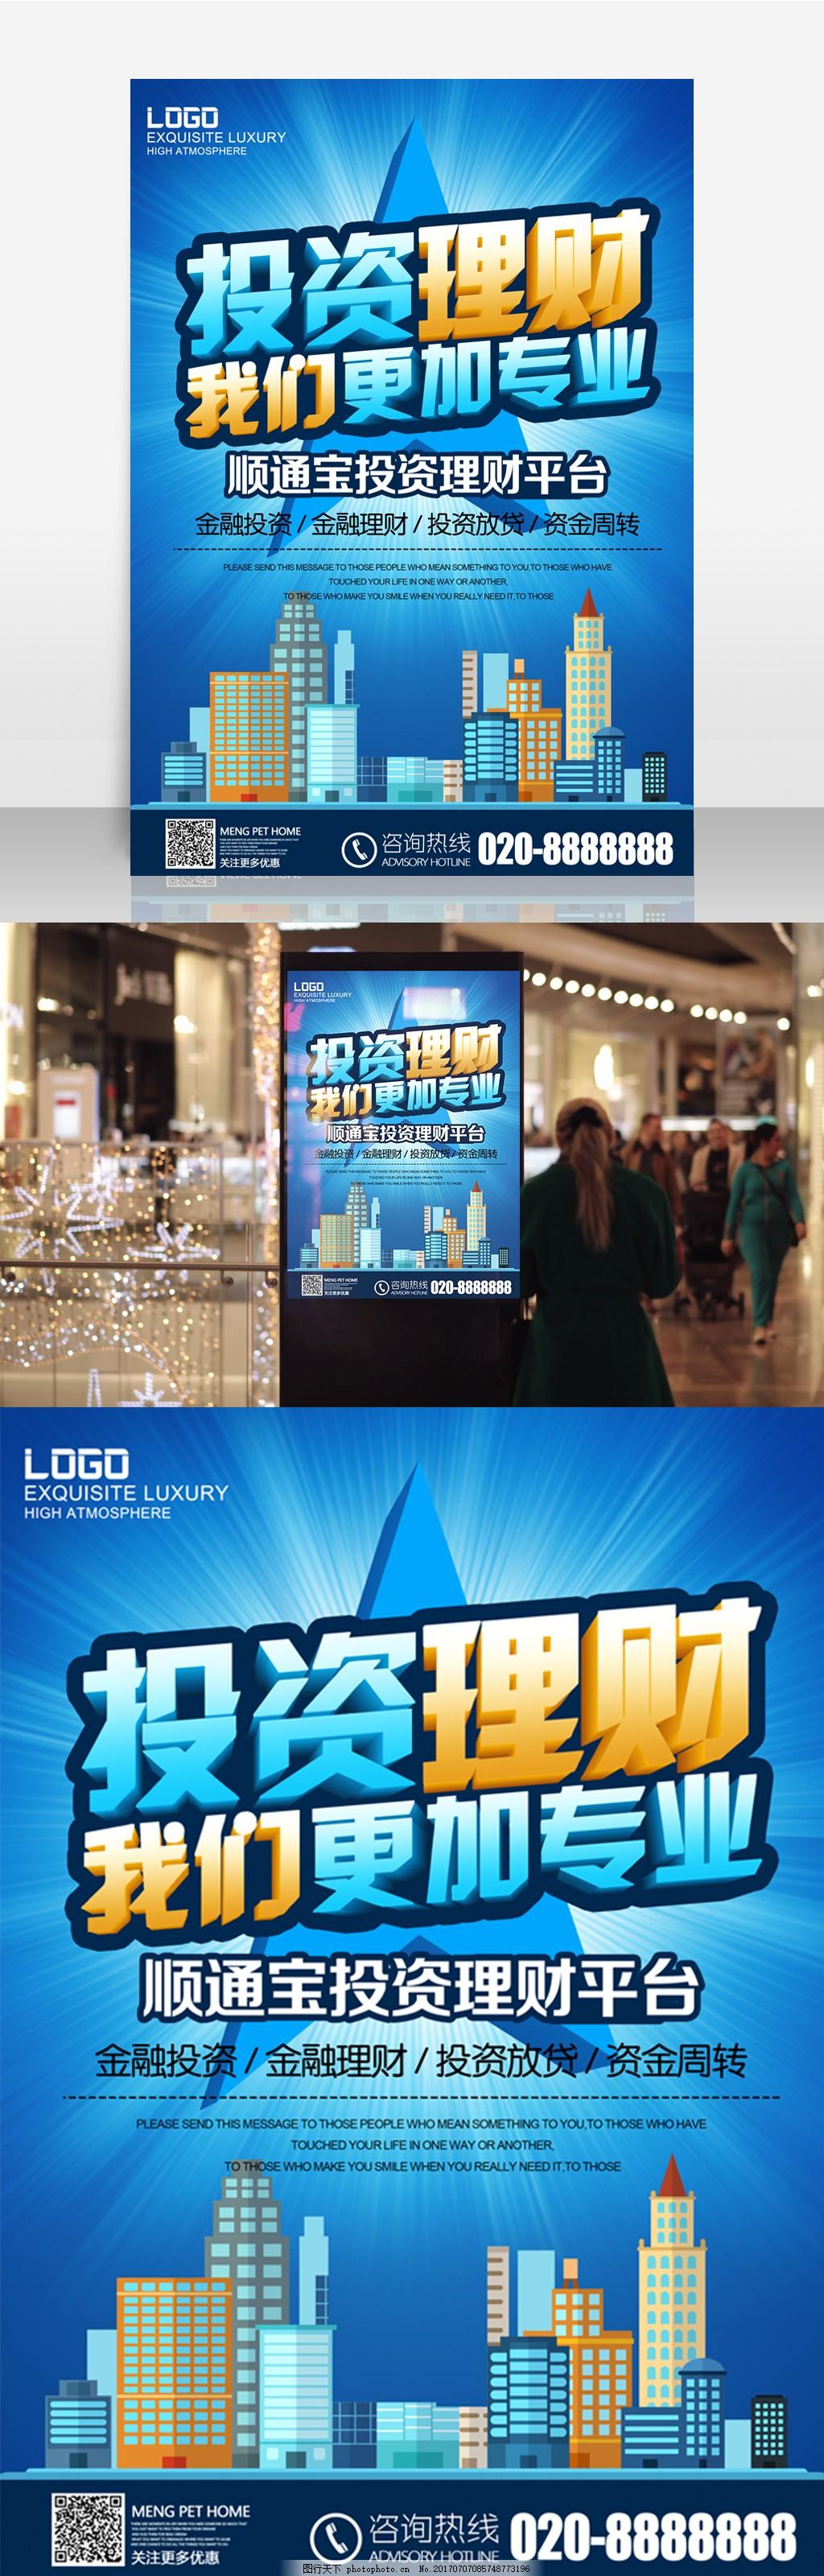 蓝色商务城市投资理财海报设计 金融投资 投资海报 城市剪影 光效背景